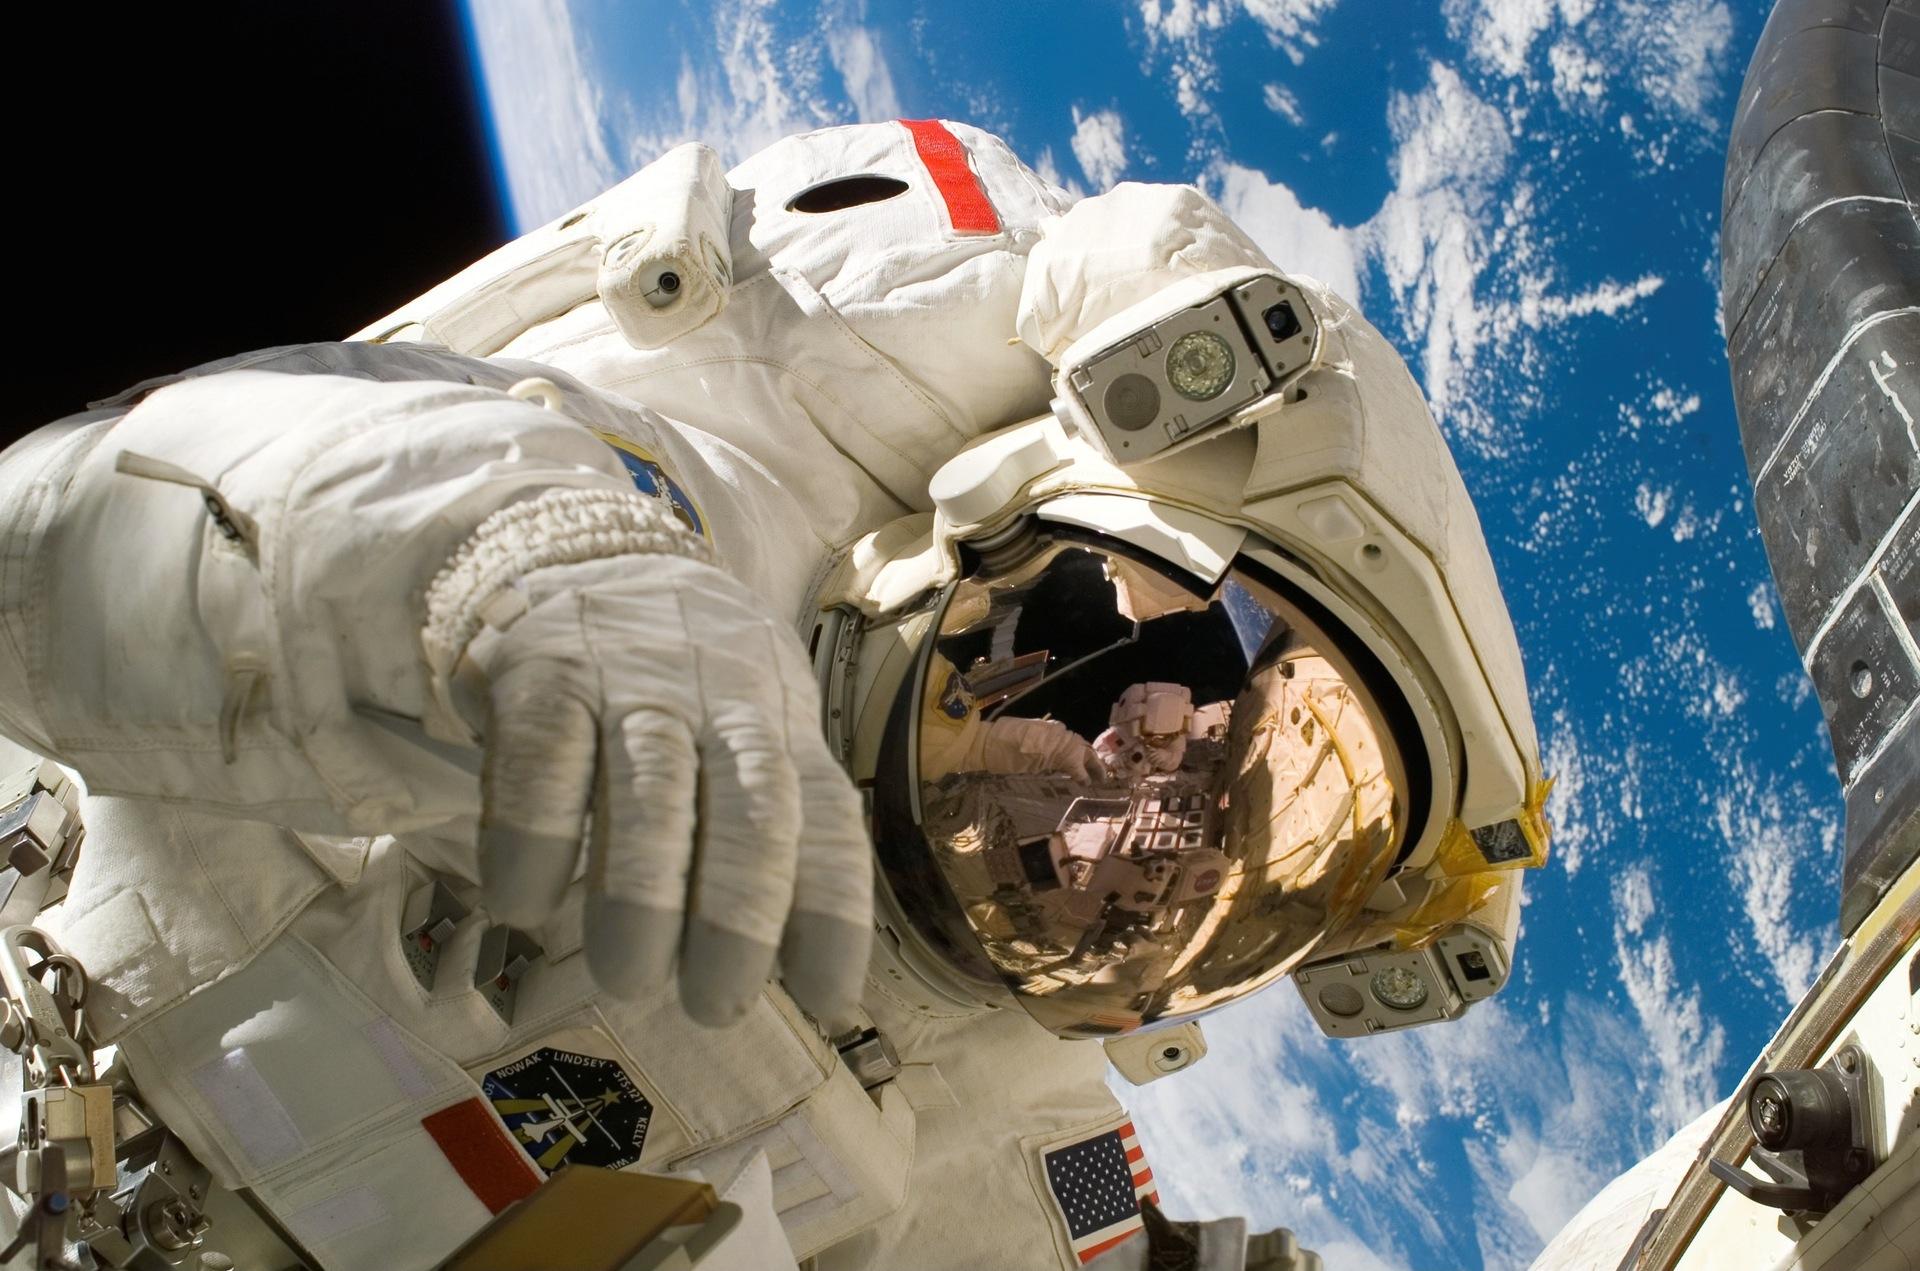 Astronauta, Terra, espaço, traje espacial, órbita - Papéis de parede HD - Professor-falken.com